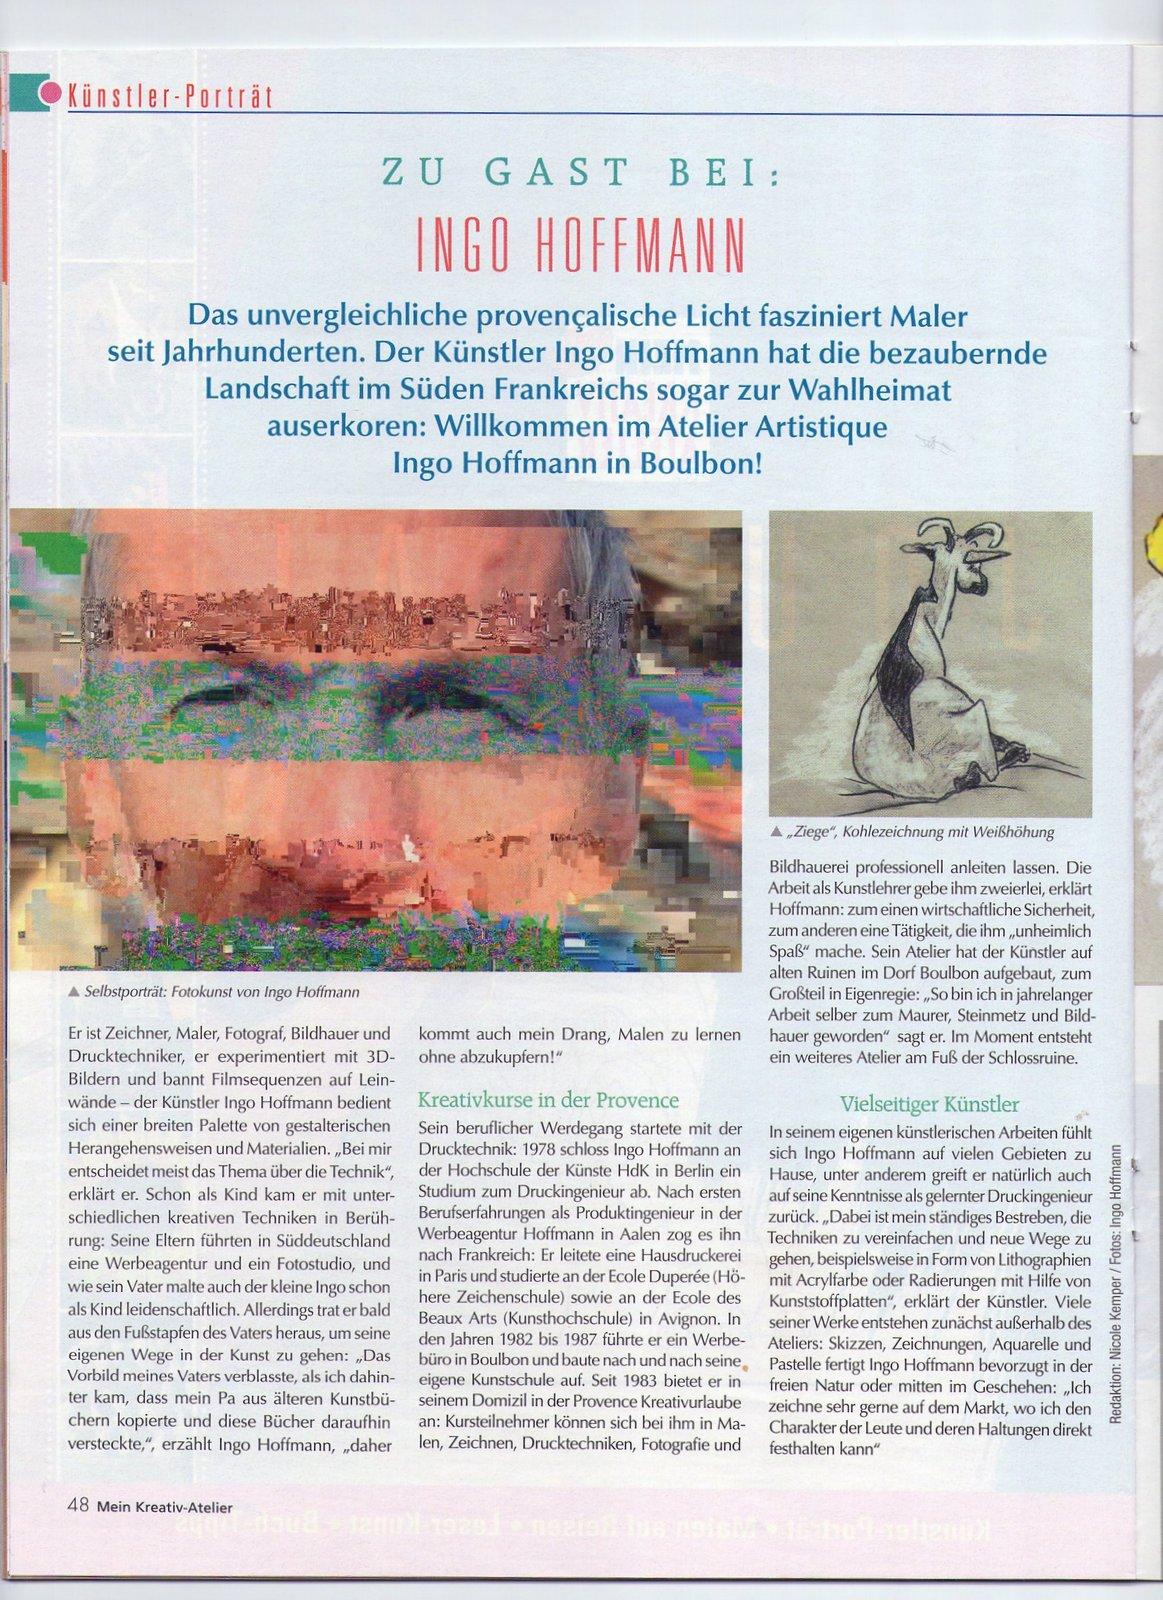 Kreativ Atleier, Kreativurlaub, Provence, zu Gast bei Ingo Hoffmann,